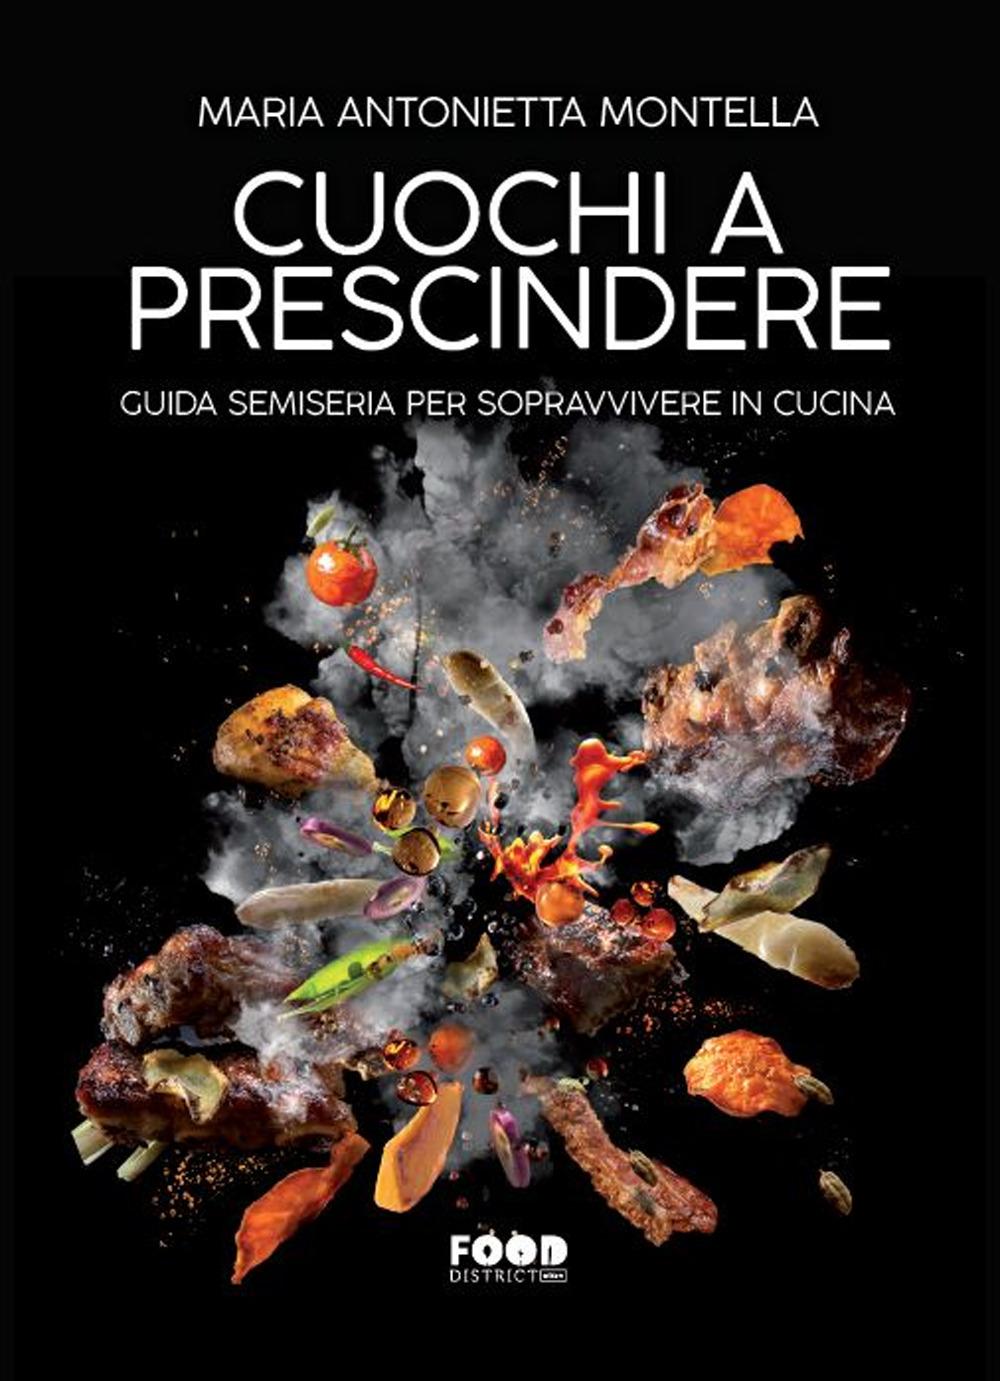 CUOCHI A PRESCINDERE. GUIDA SEMISERIA PER SOPRAVVIVERE IN CUCINA - Montella Maria Antonietta - 9788867769636